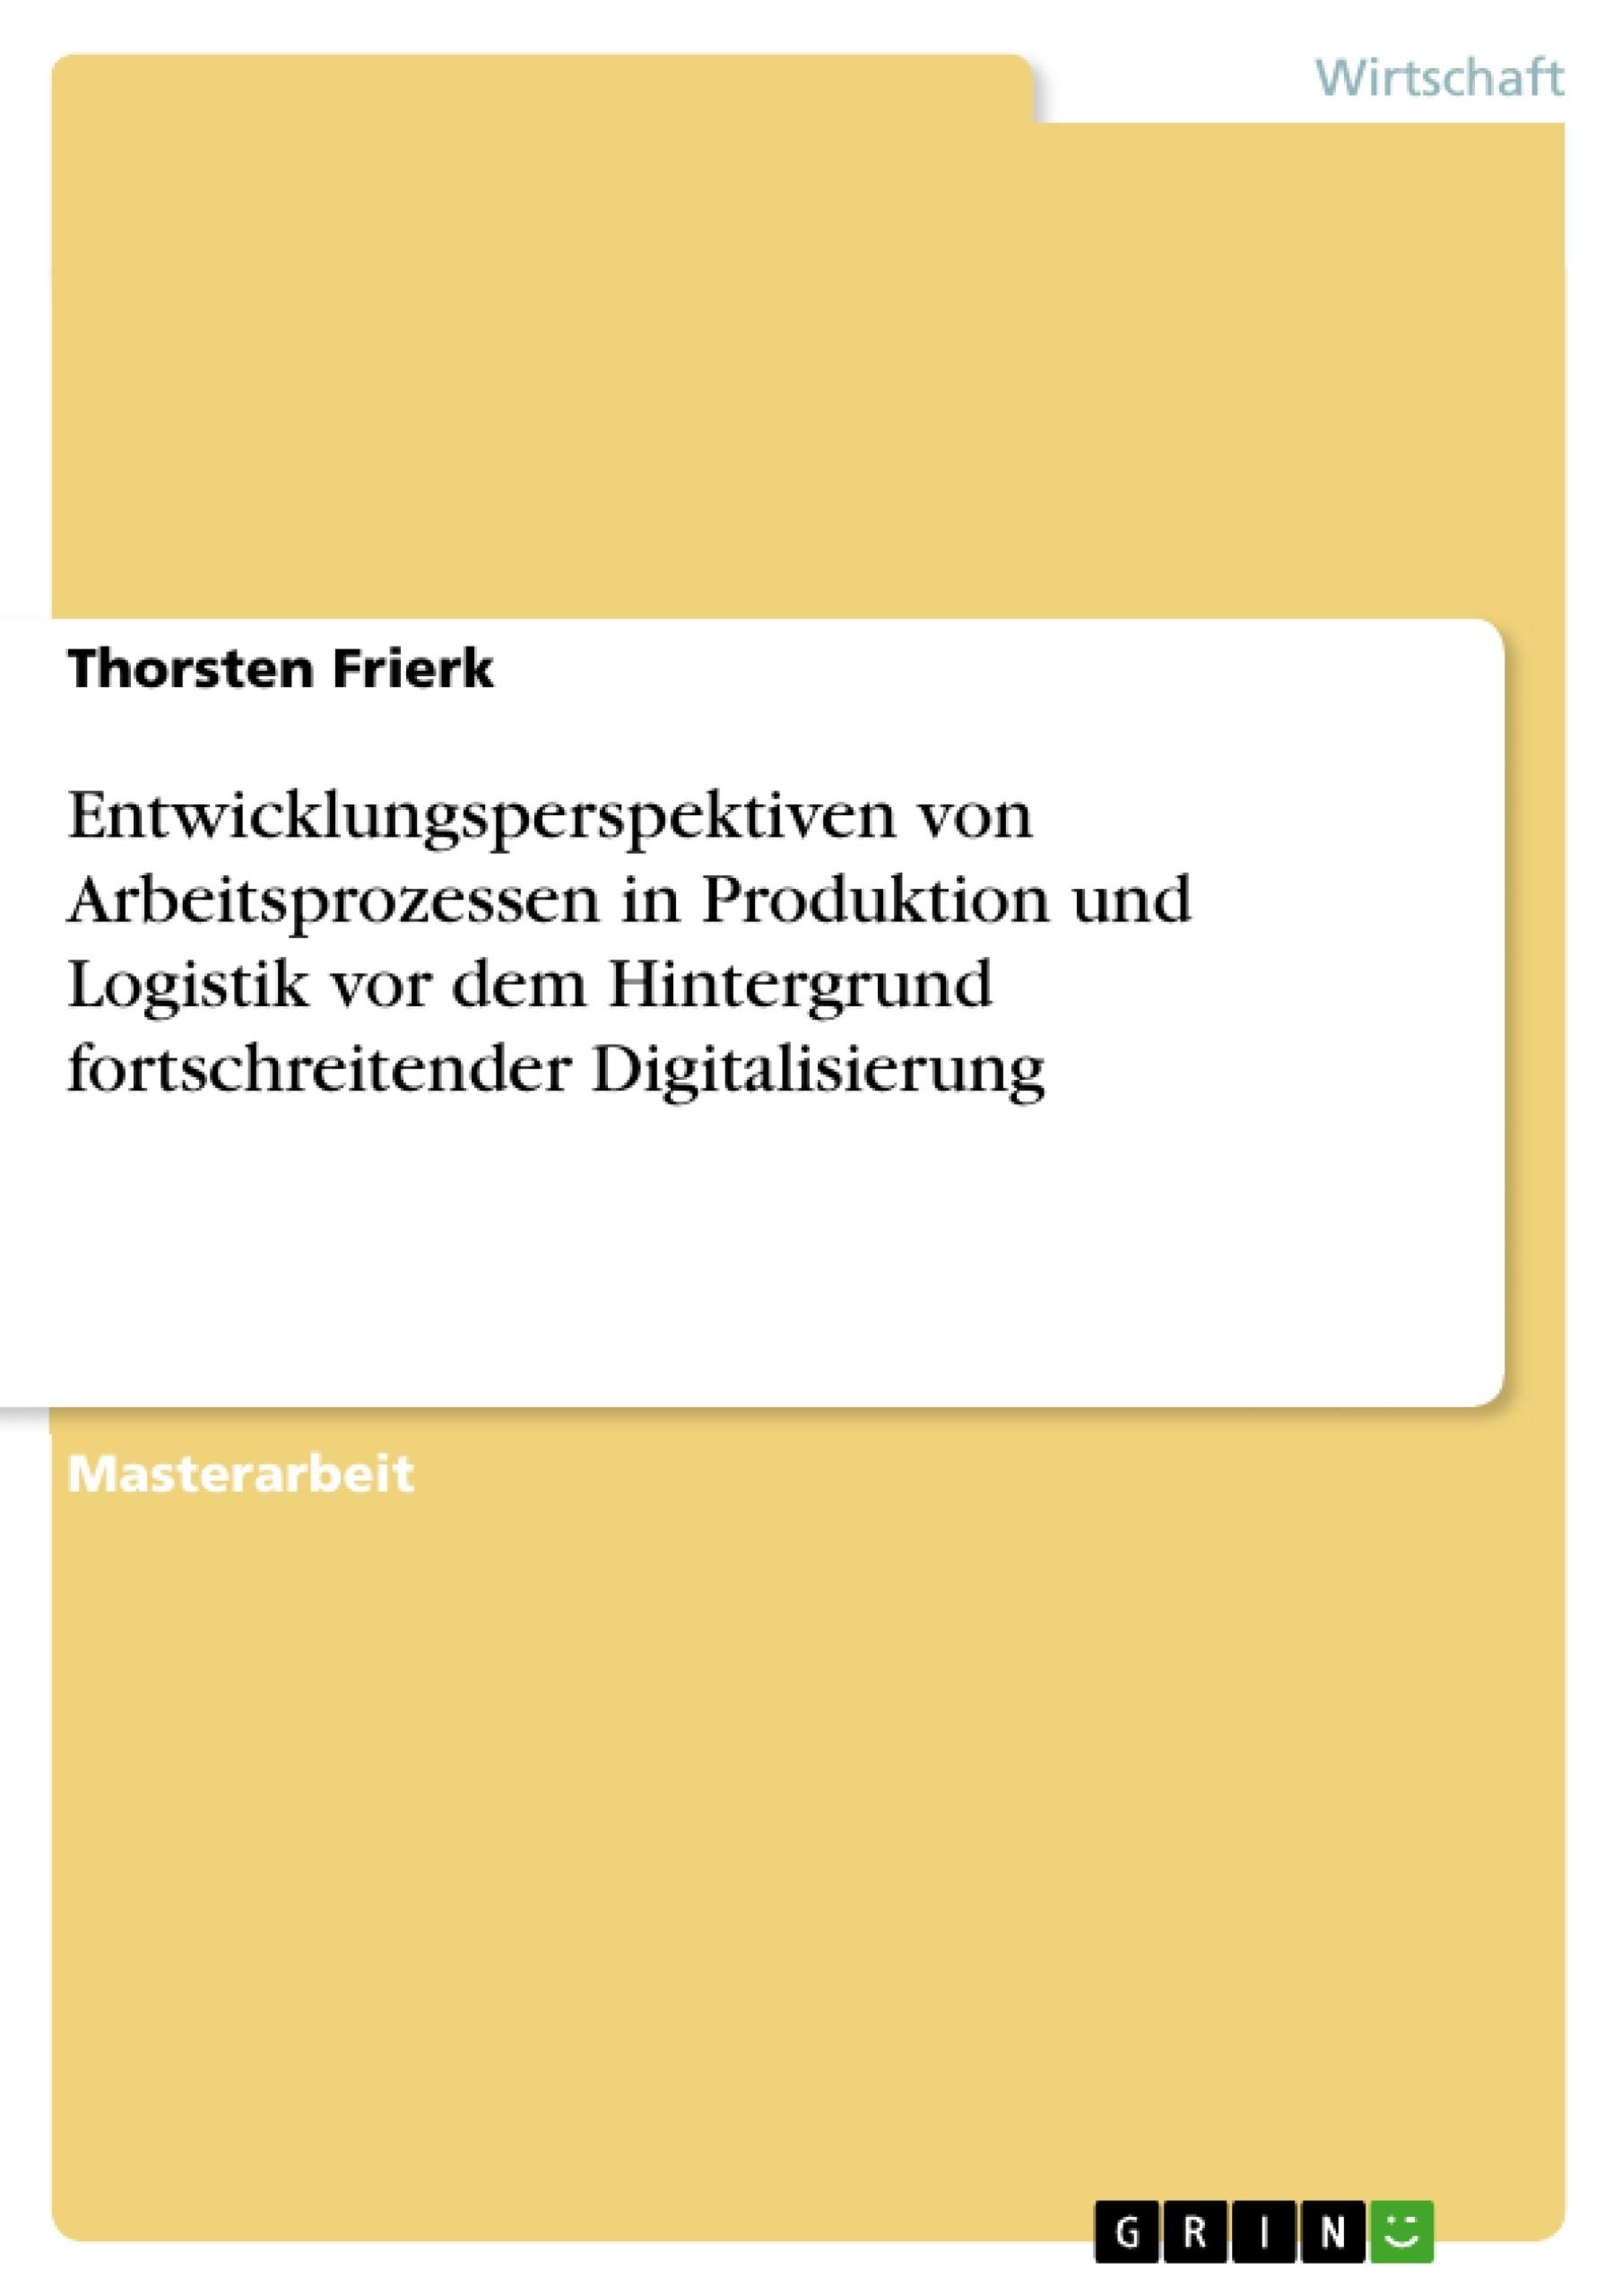 Titel: Entwicklungsperspektiven von Arbeitsprozessen in Produktion und Logistik vor dem Hintergrund fortschreitender Digitalisierung